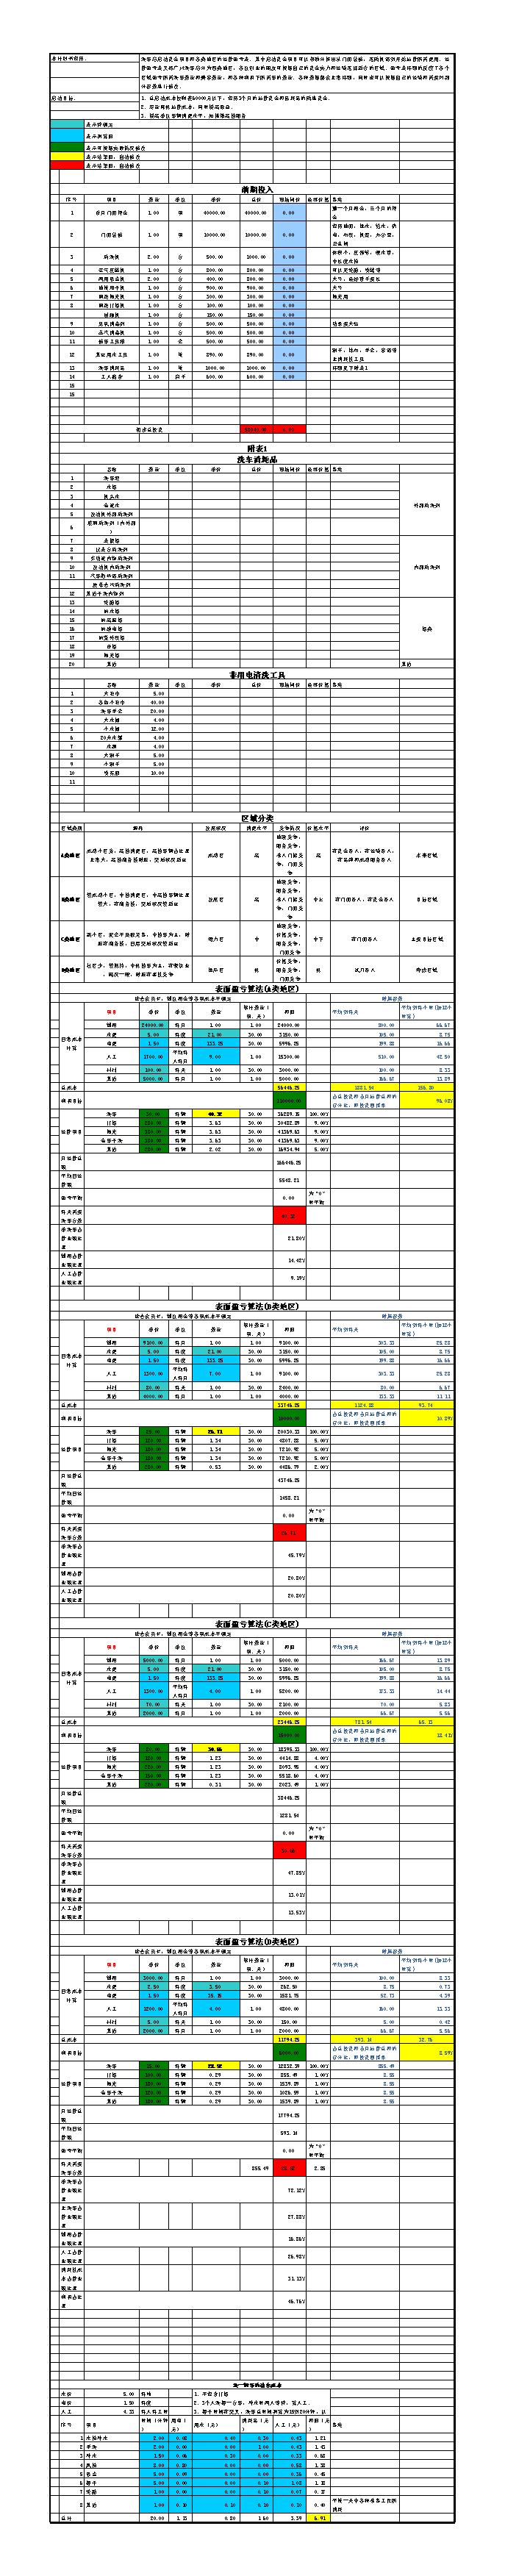 汽车美容店之洗车店创业计划书-xls文件(带盈亏公式).xls